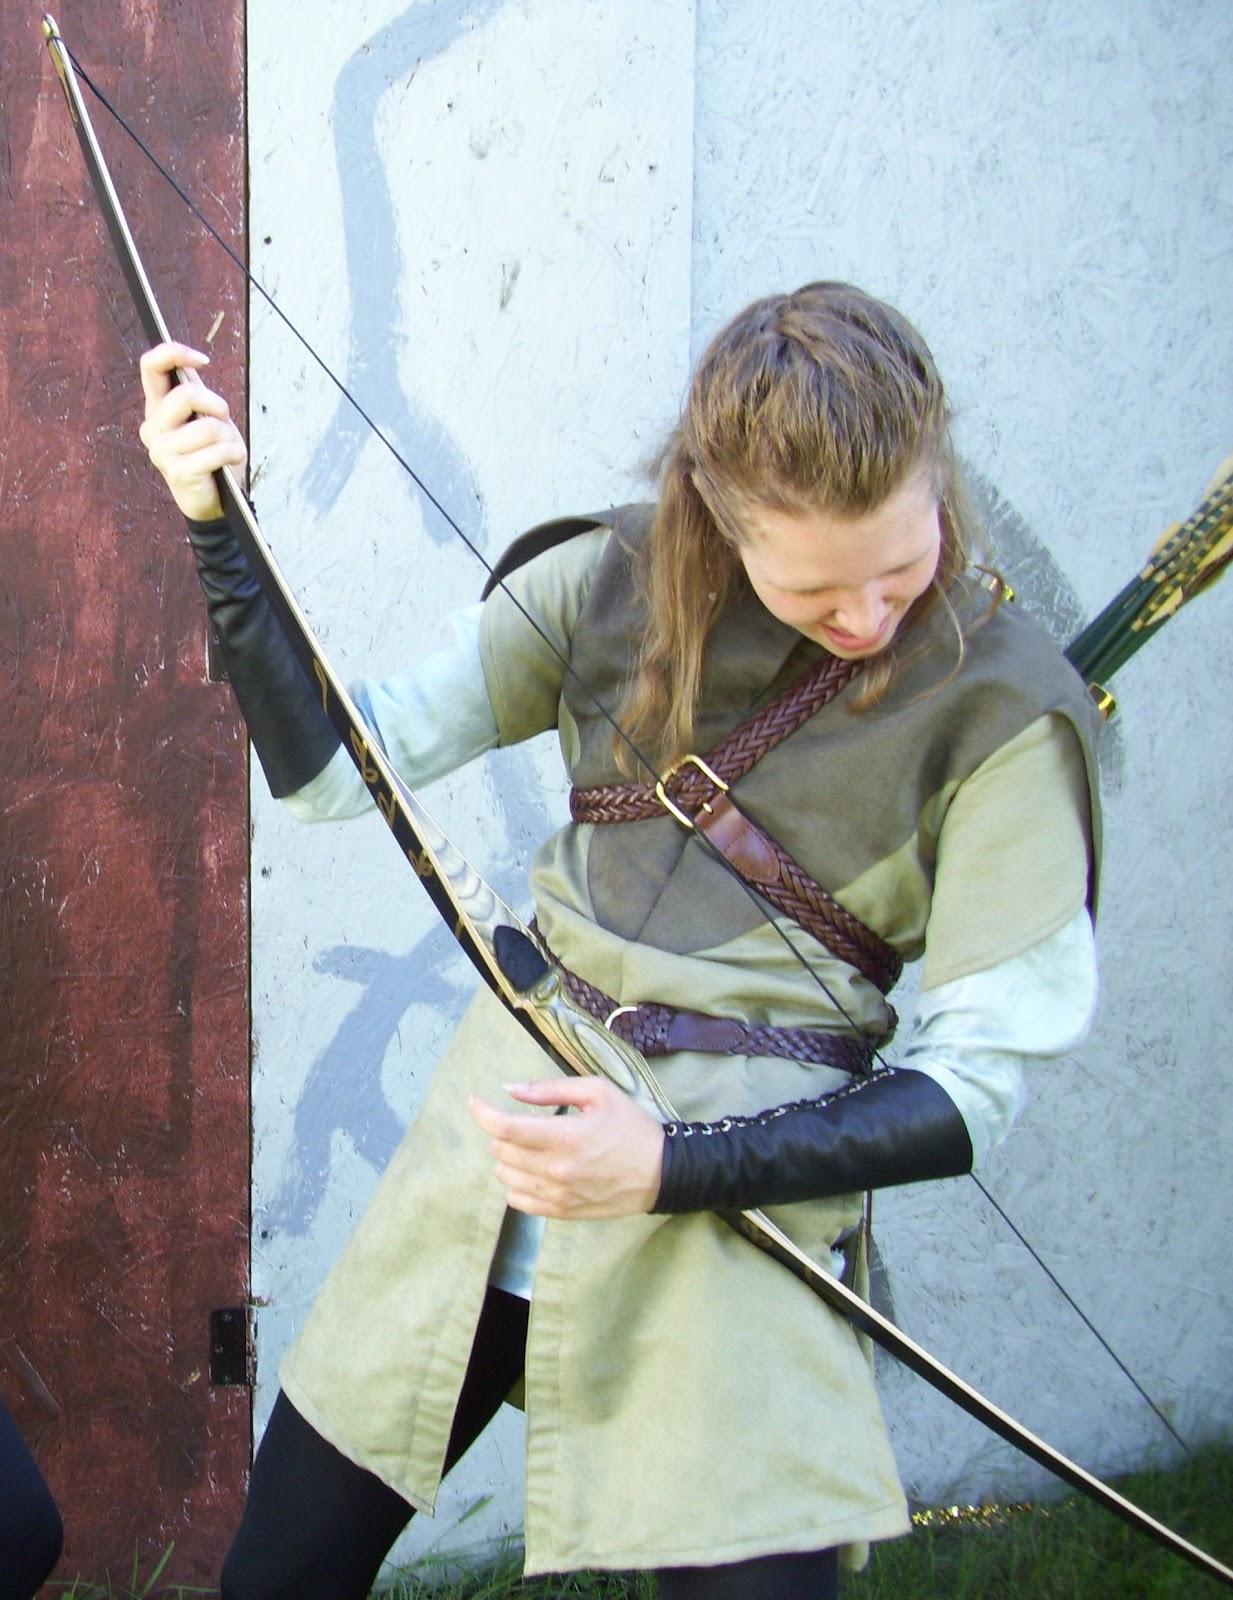 Legolas Greenleaf - Poster art Bow Master image - The ...   Legolas Greenleaf Bow